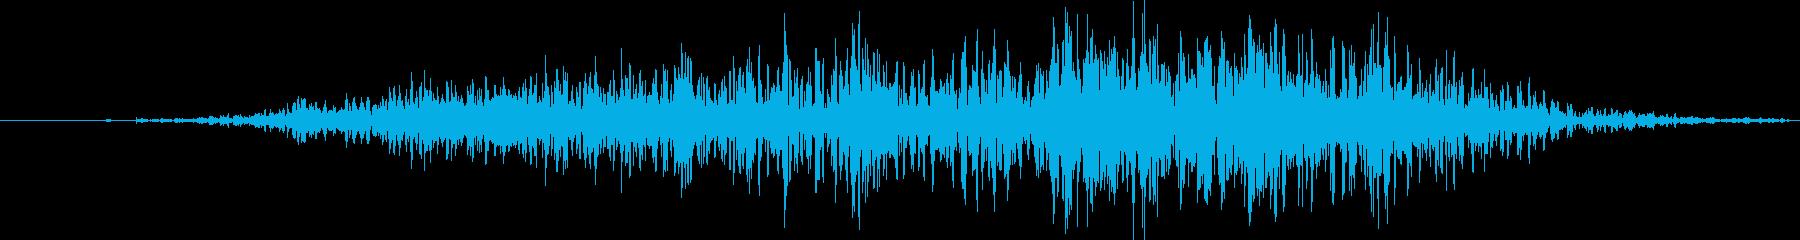 ピックアップトラック:Ext:重い...の再生済みの波形